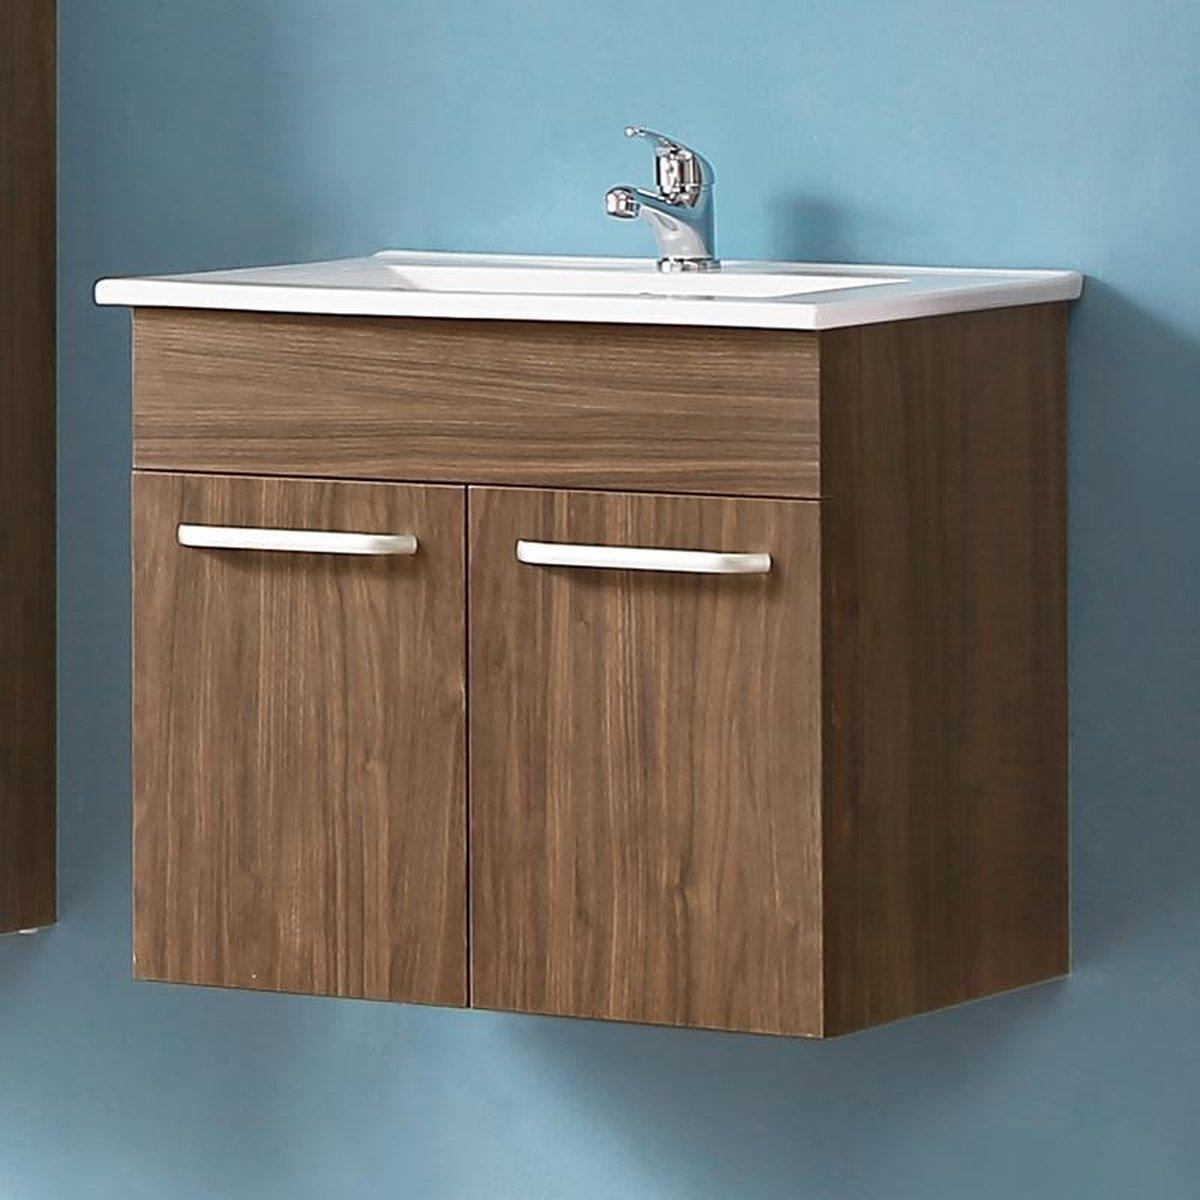 Badmeubel 60 cm walnoot kleur met onderbouw kast, keramiek Wastafel, Badmeubel met waskom, Badkamermeubel Set, Wastafelonderkast